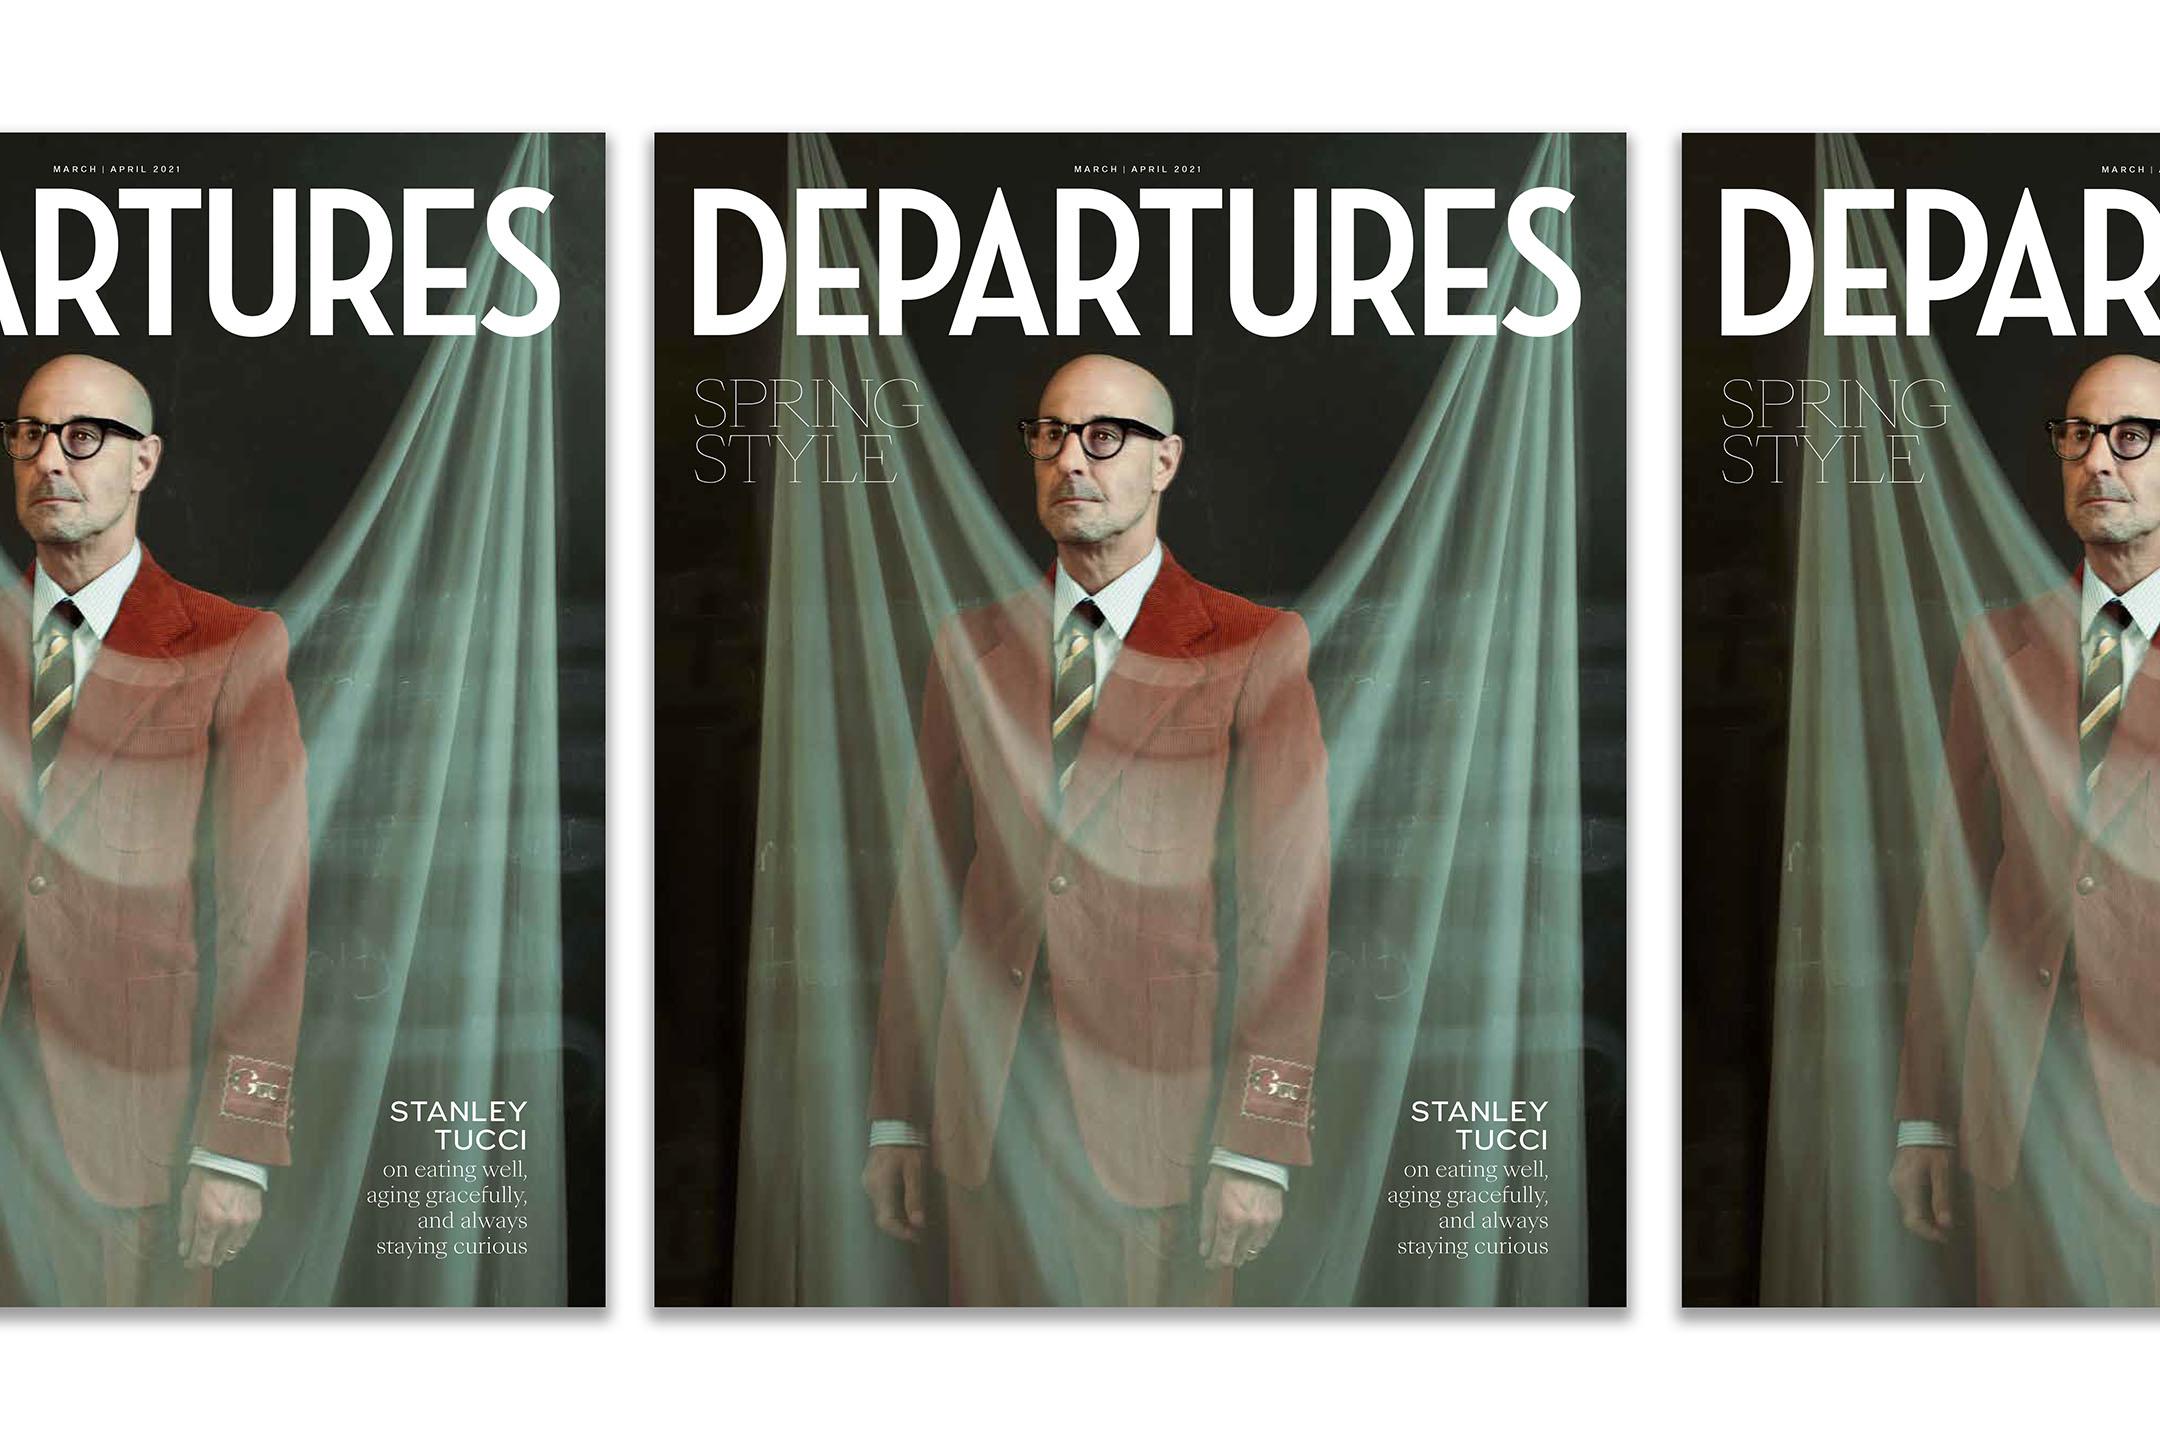 Departures